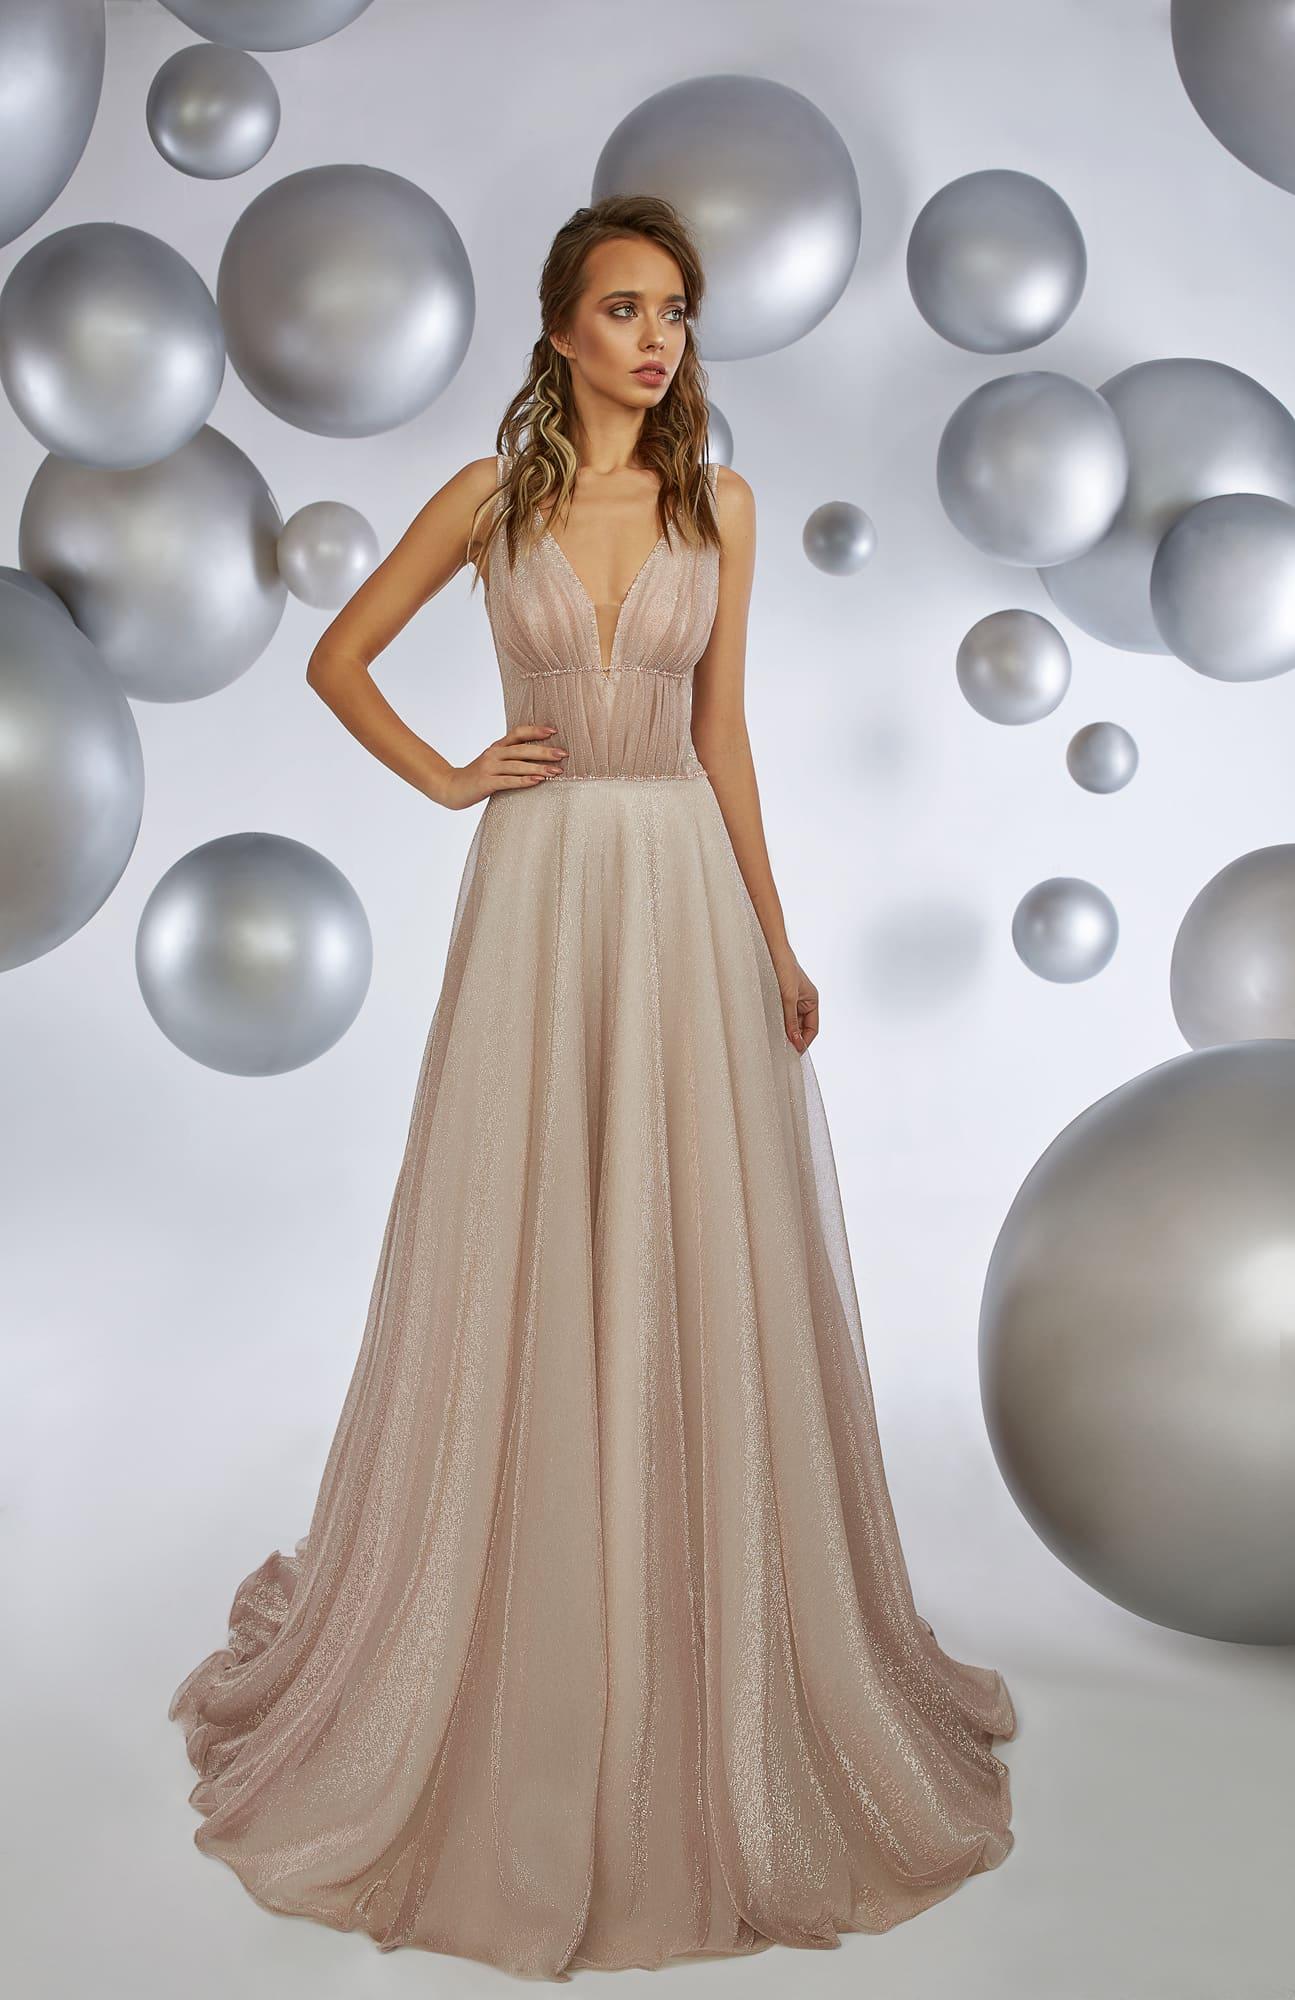 b35cd6ab545 Вечернее платье Armonia Persian Rose ▷ Свадебный Торговый Центр ...